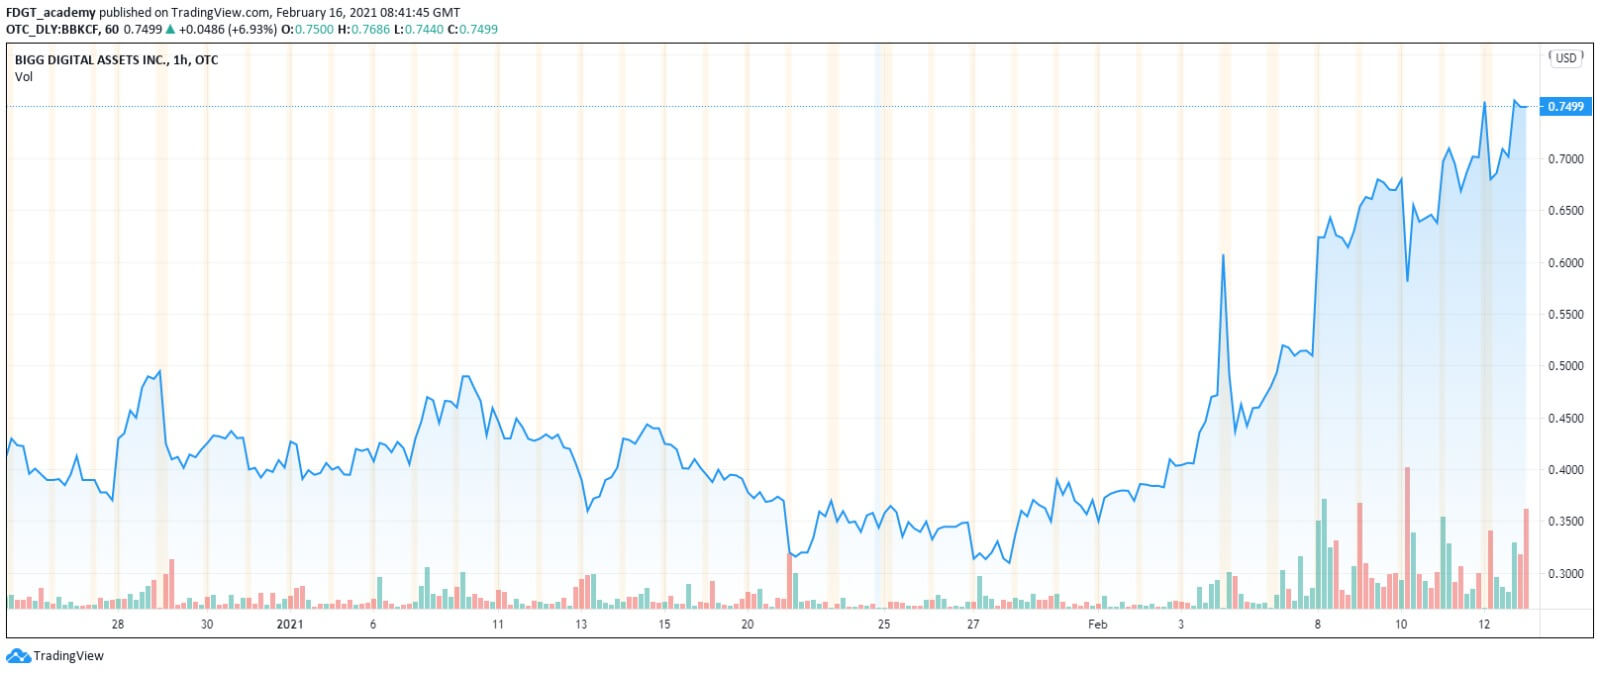 Big digital assets chart